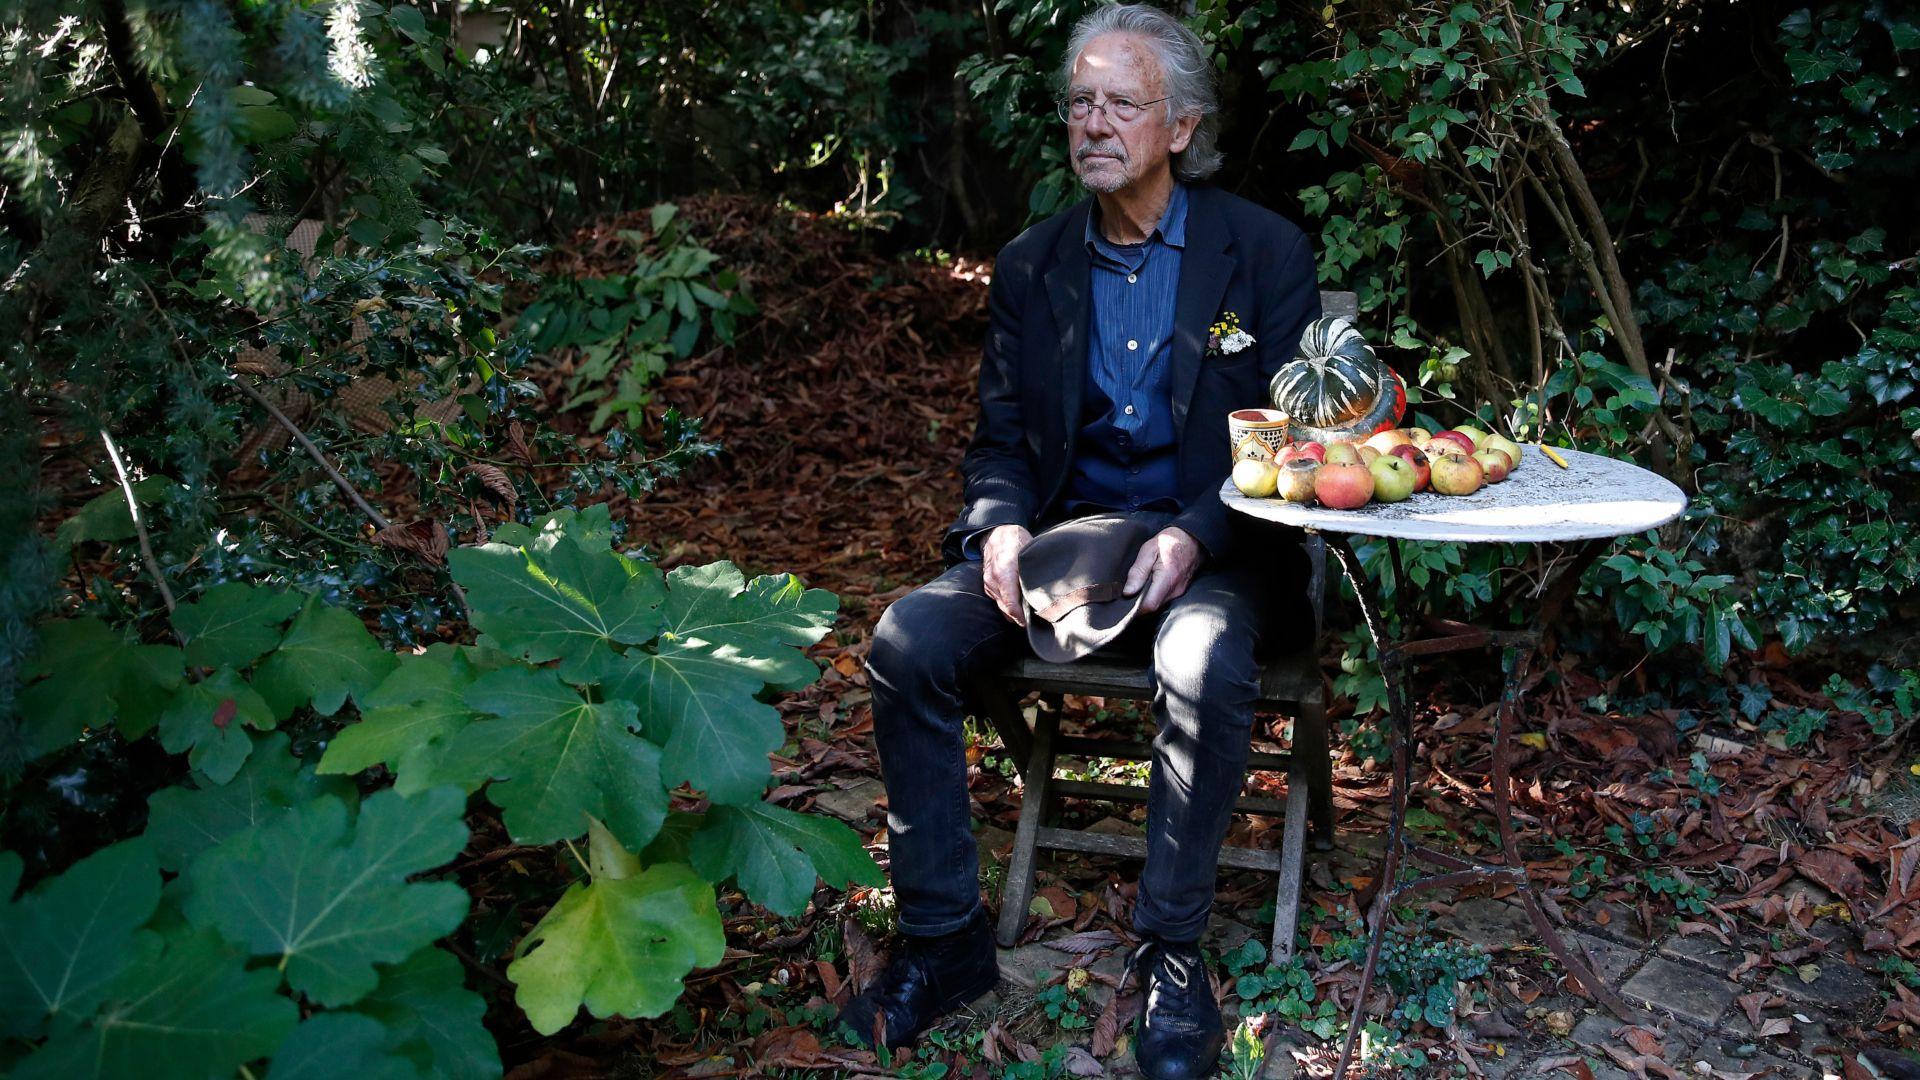 El autor austríaco Peter Handke posa en el jardín de su casa en Chaville, cerca de París, el jueves 10 de octubre de 2019. Handke fue galardonado horas antes con el premio Nobel de Literatura 2019. (AP Foto/Francois Mori)